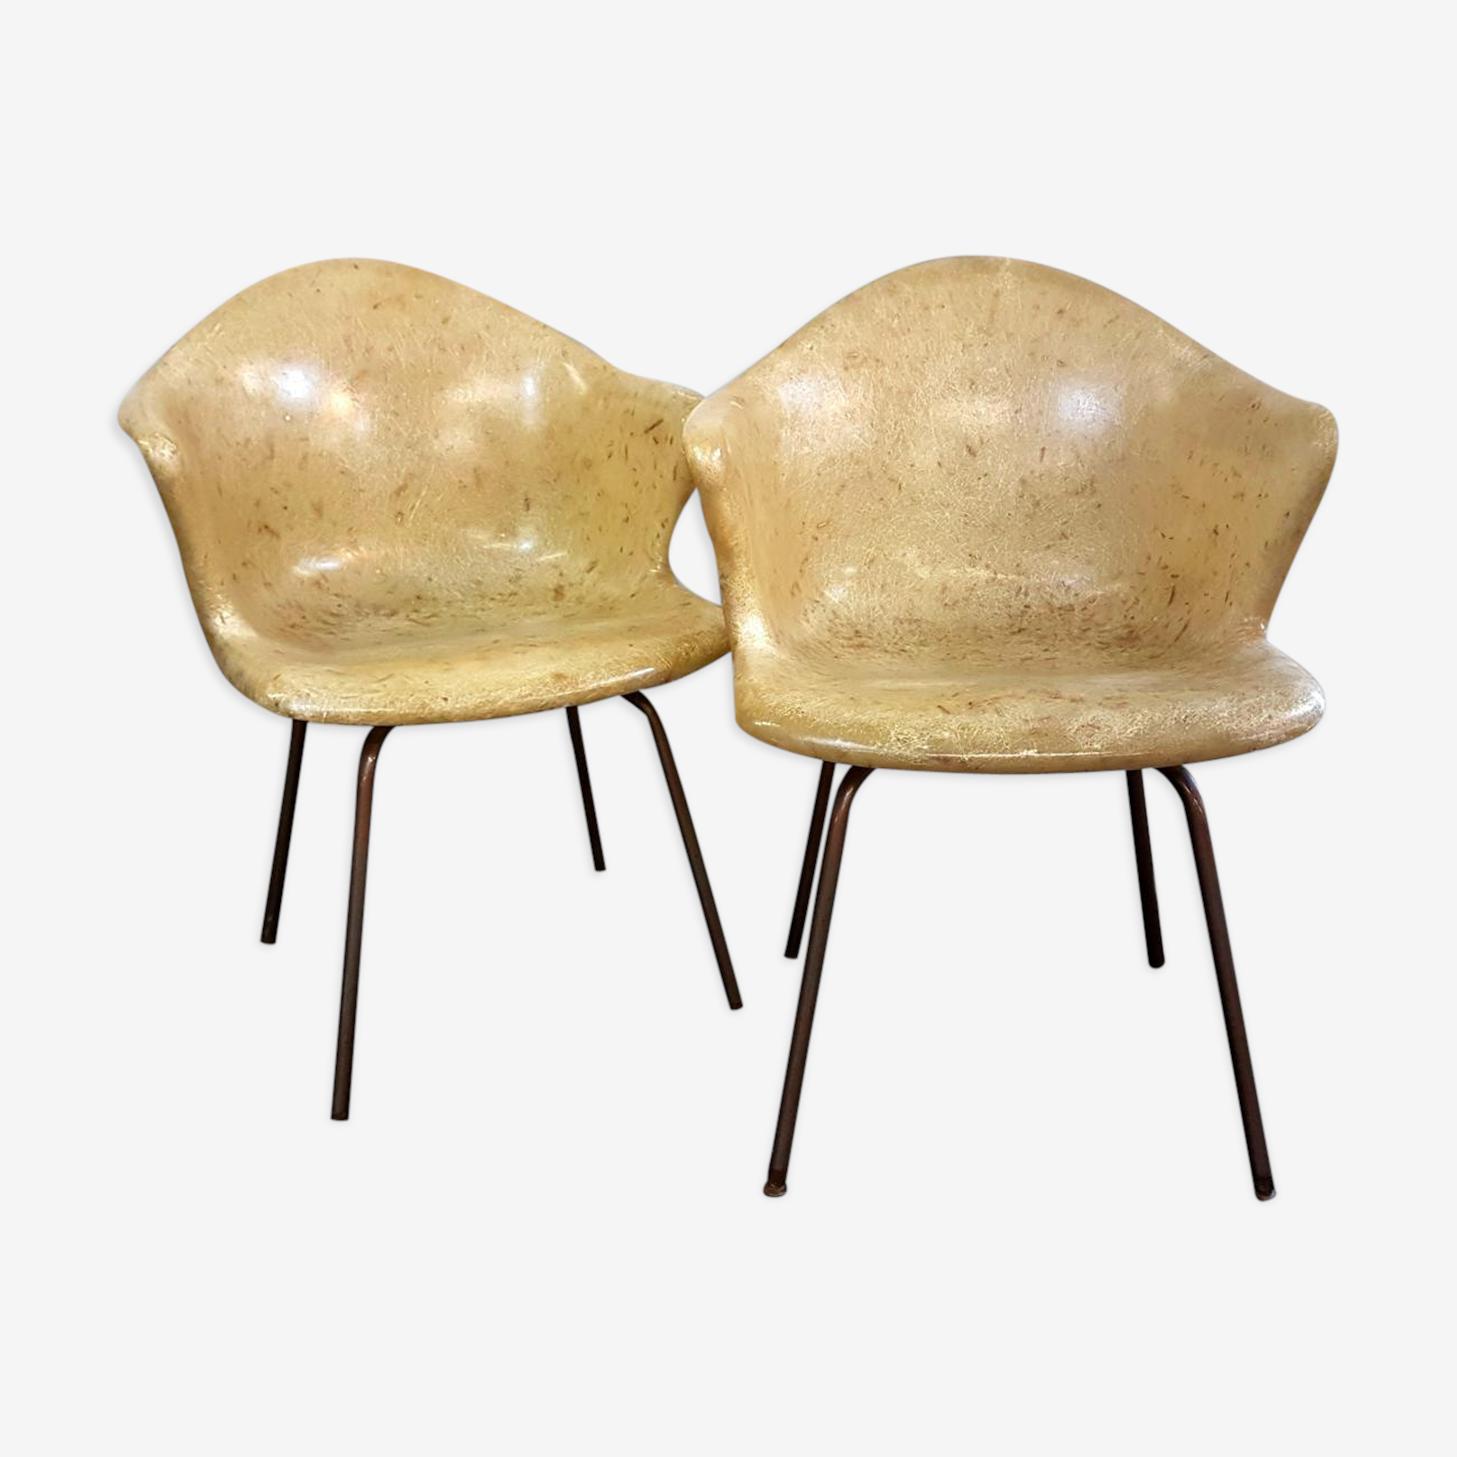 2 fauteuils en fibres de verre de douglas années 50